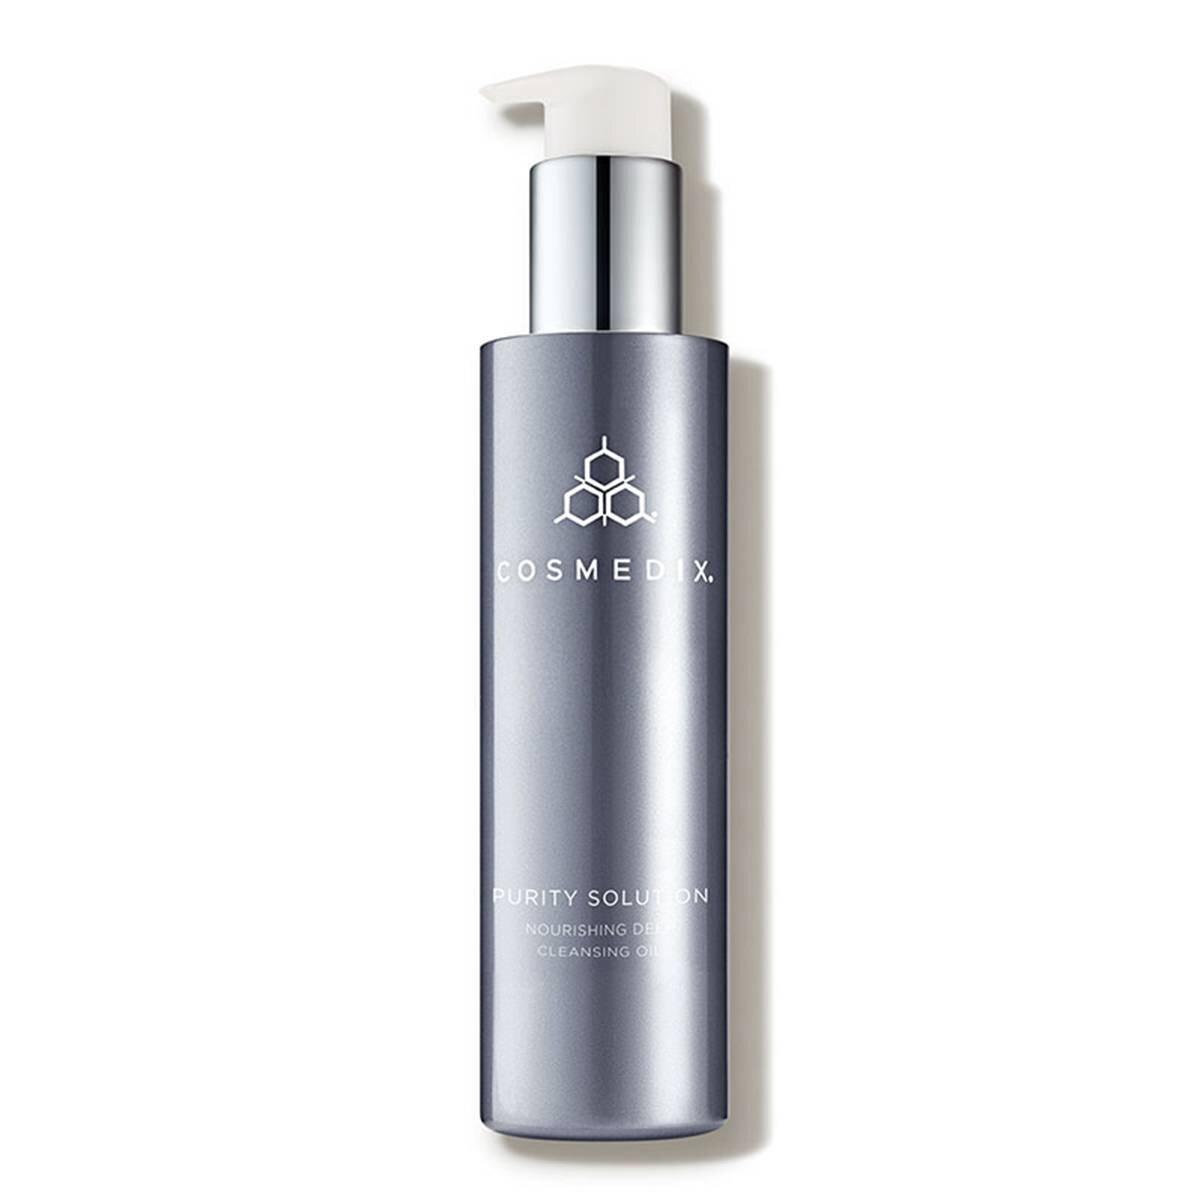 cleansing-oils-for-oily-skin-285927-1583530670030-main.1200x0c.jpg